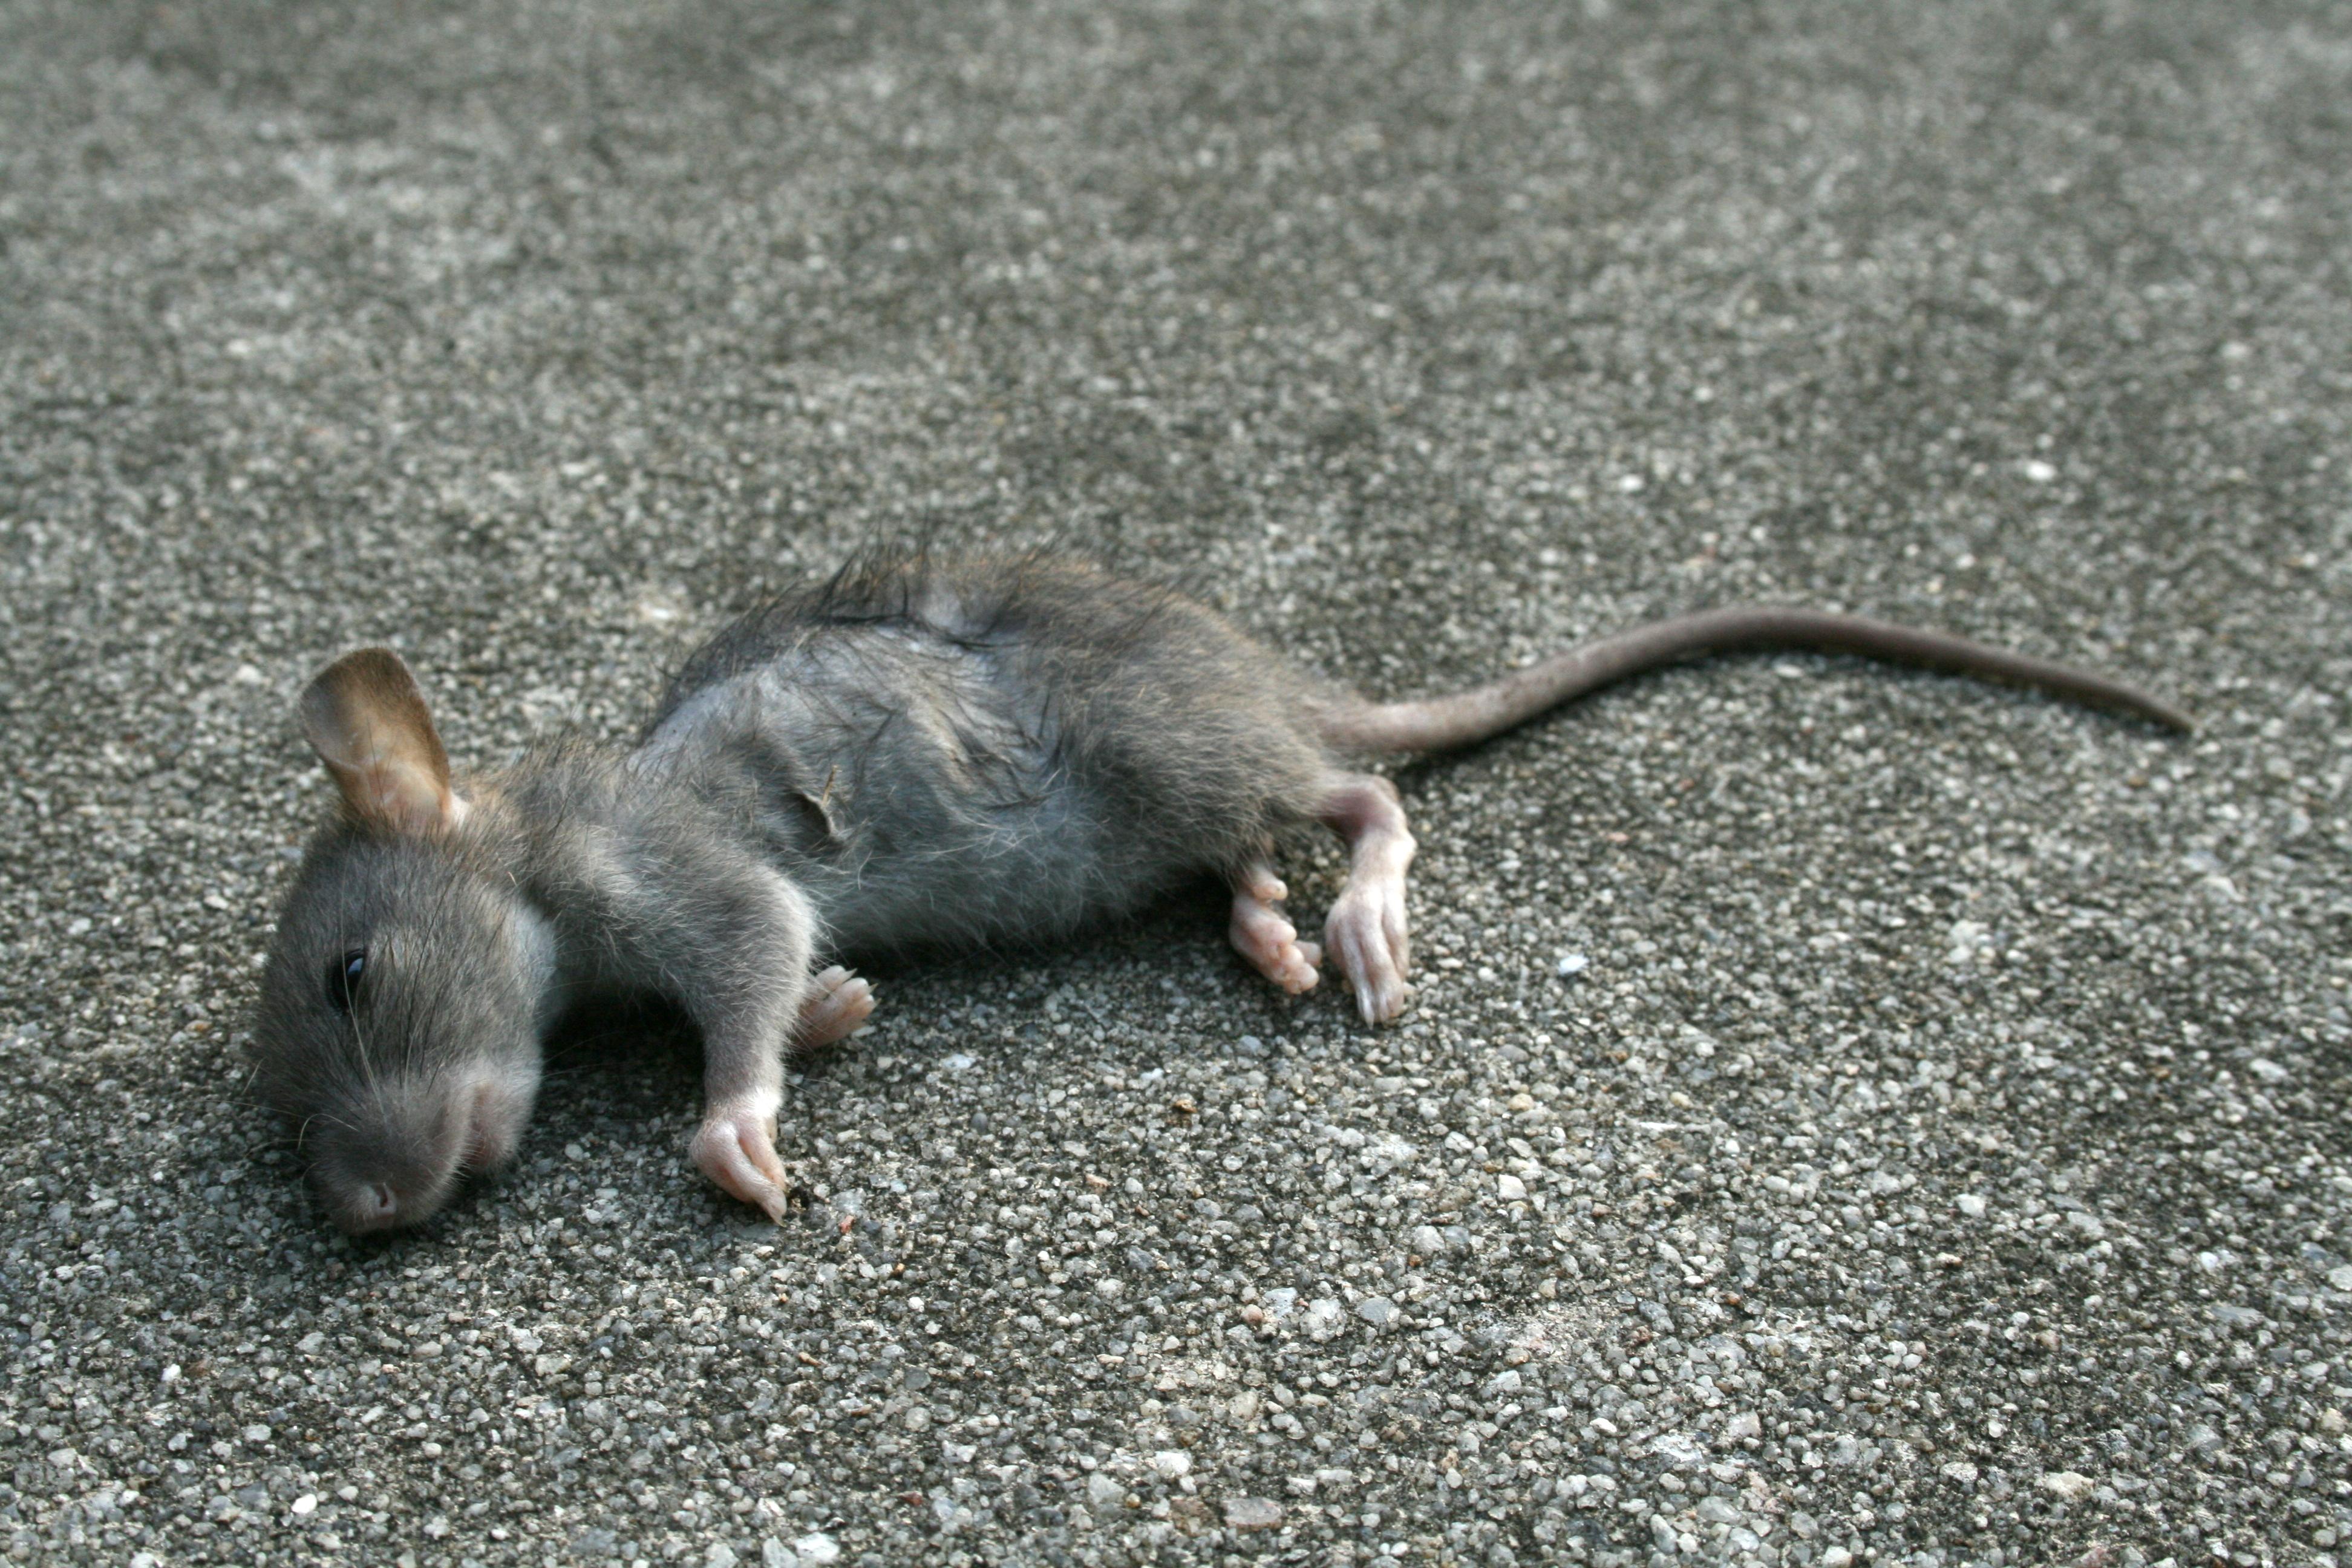 Мышь серогорбая картинка